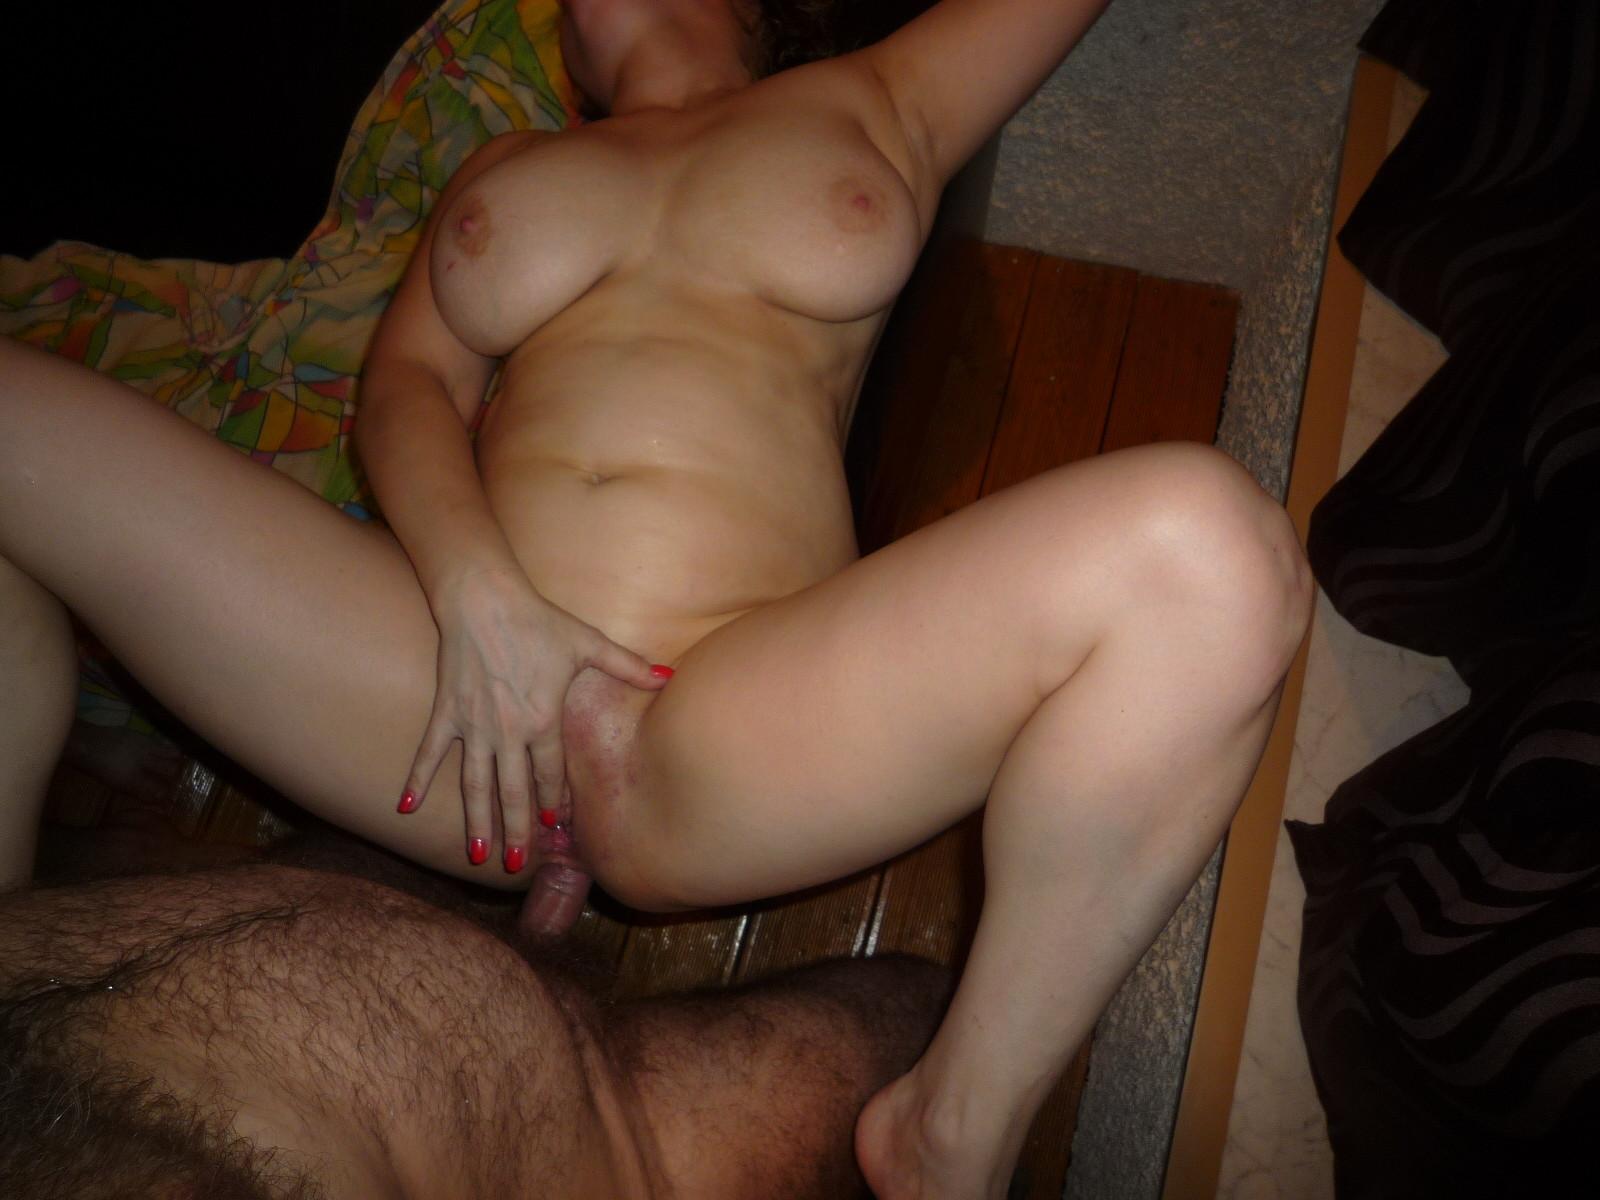 Произойдет очередное жена секс дача она видела